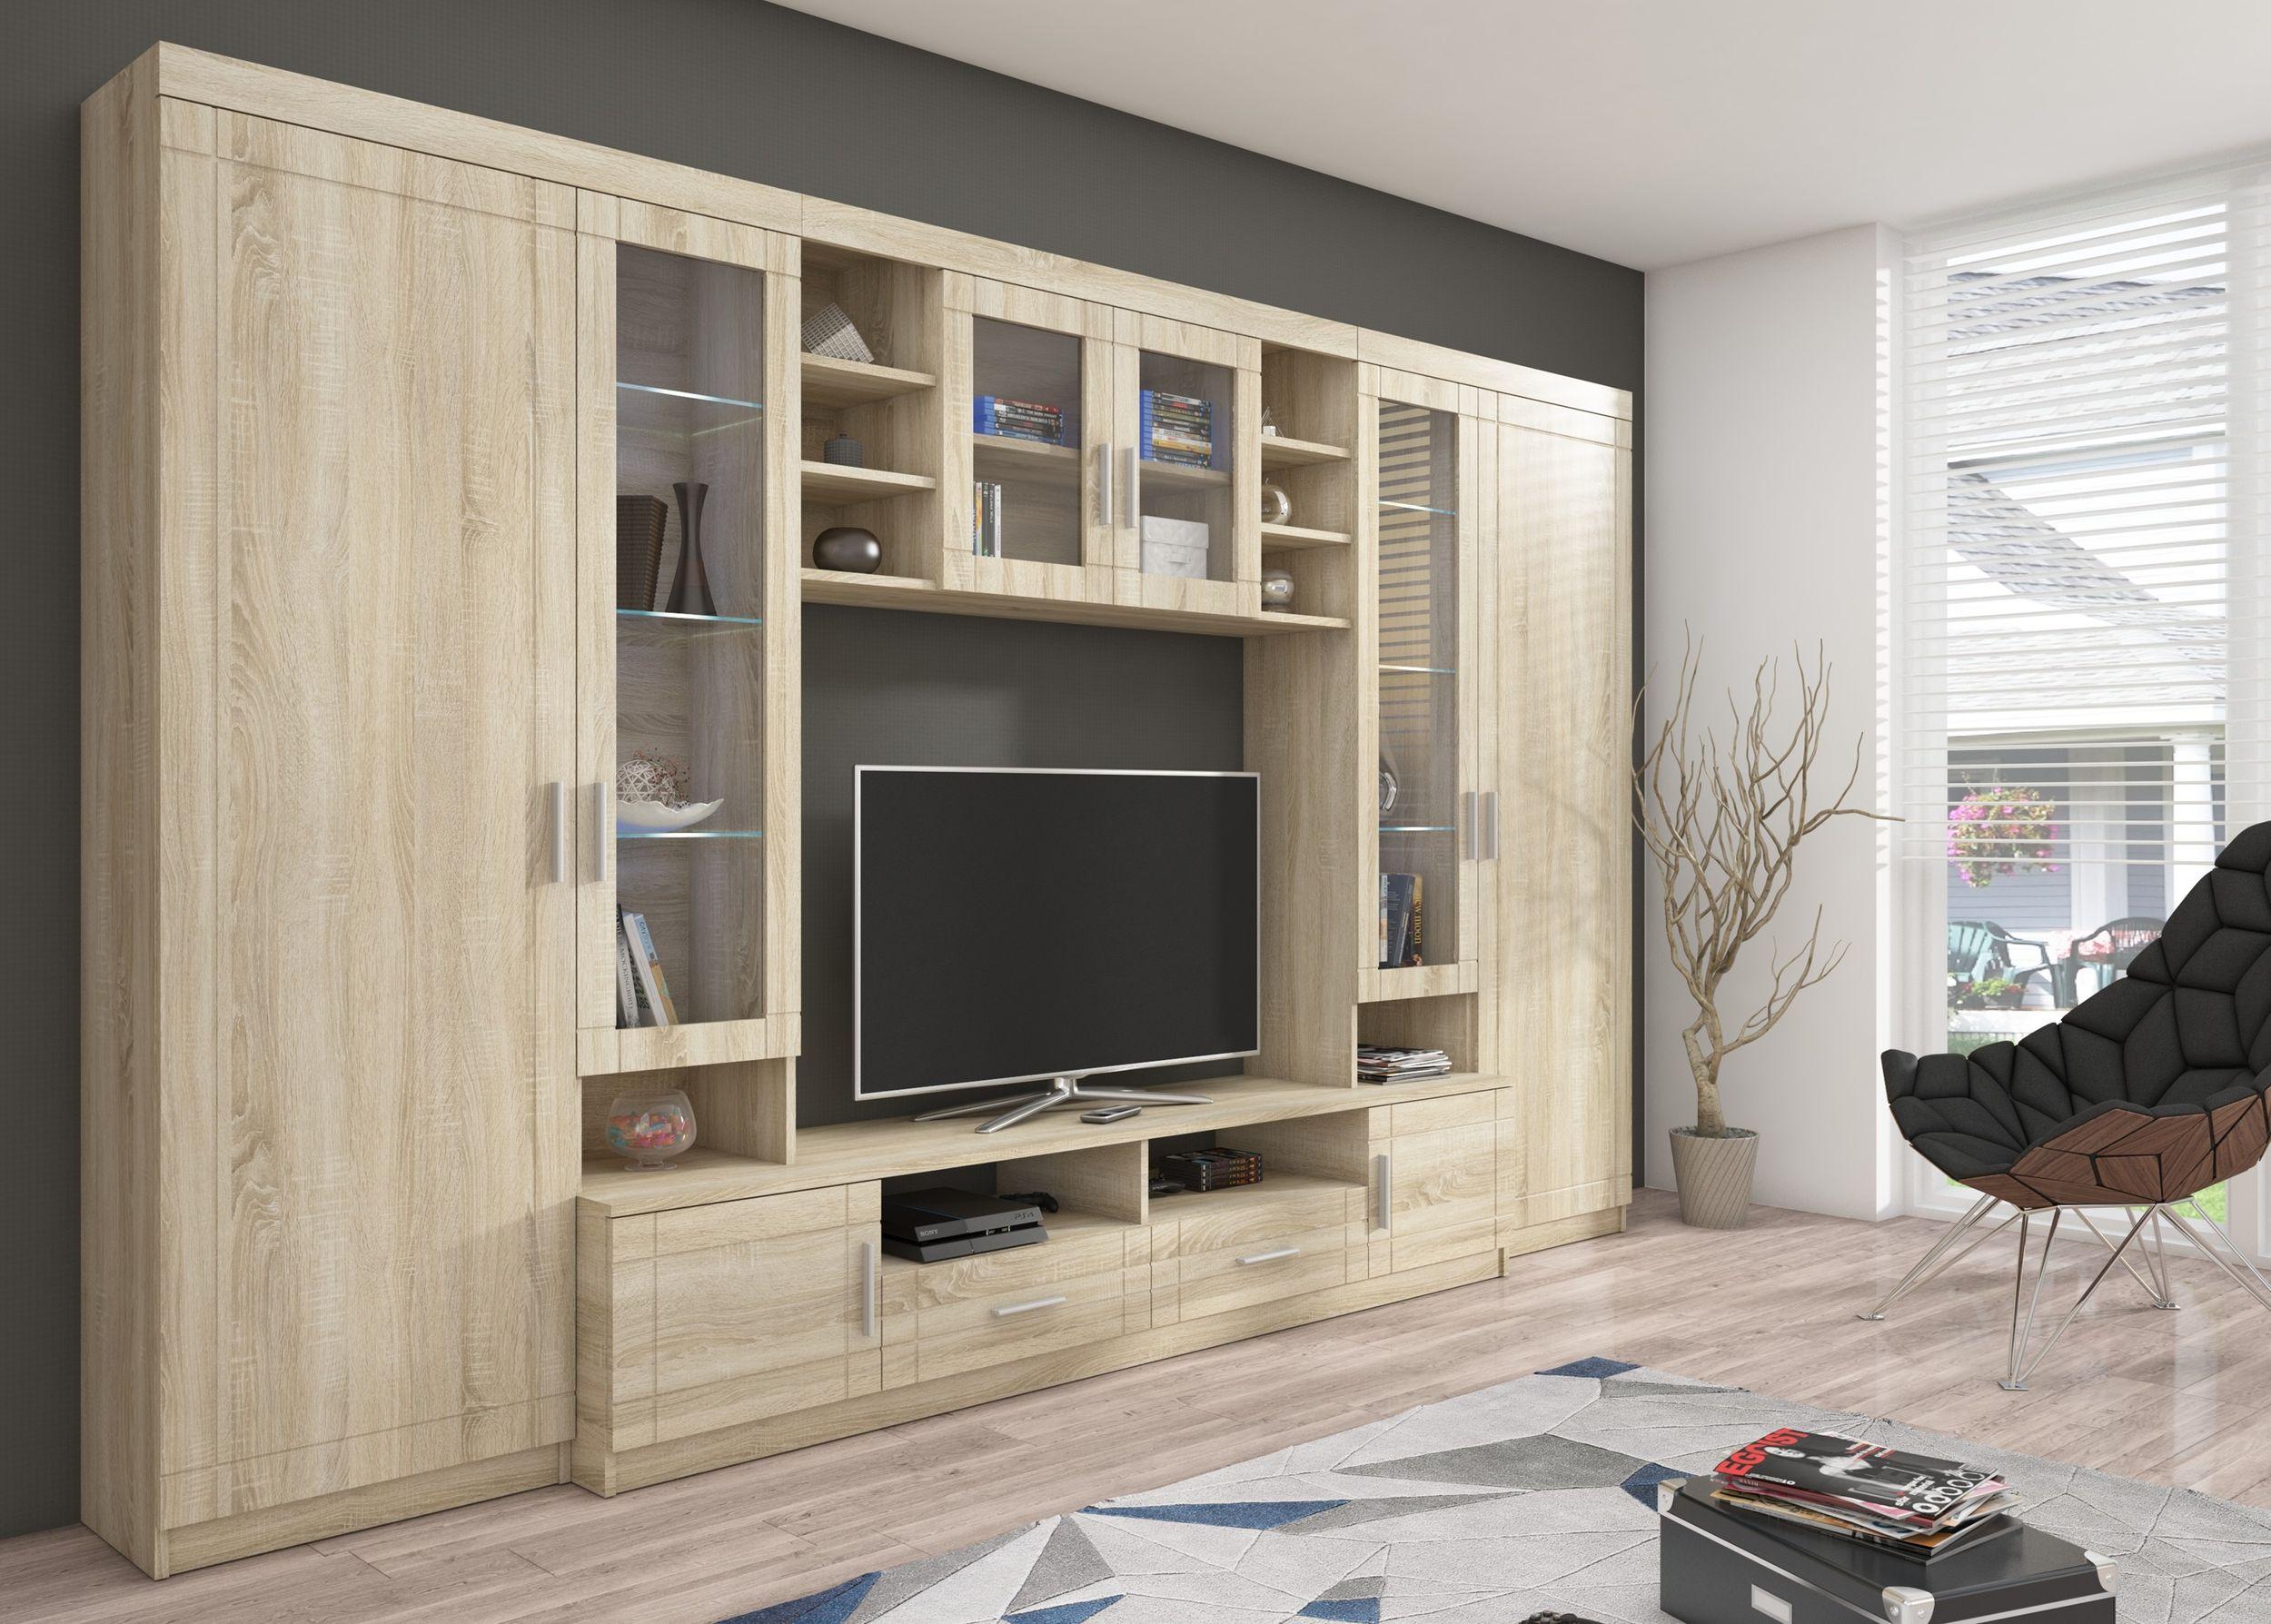 Günstige Einbauküchen - Wohn Design Love